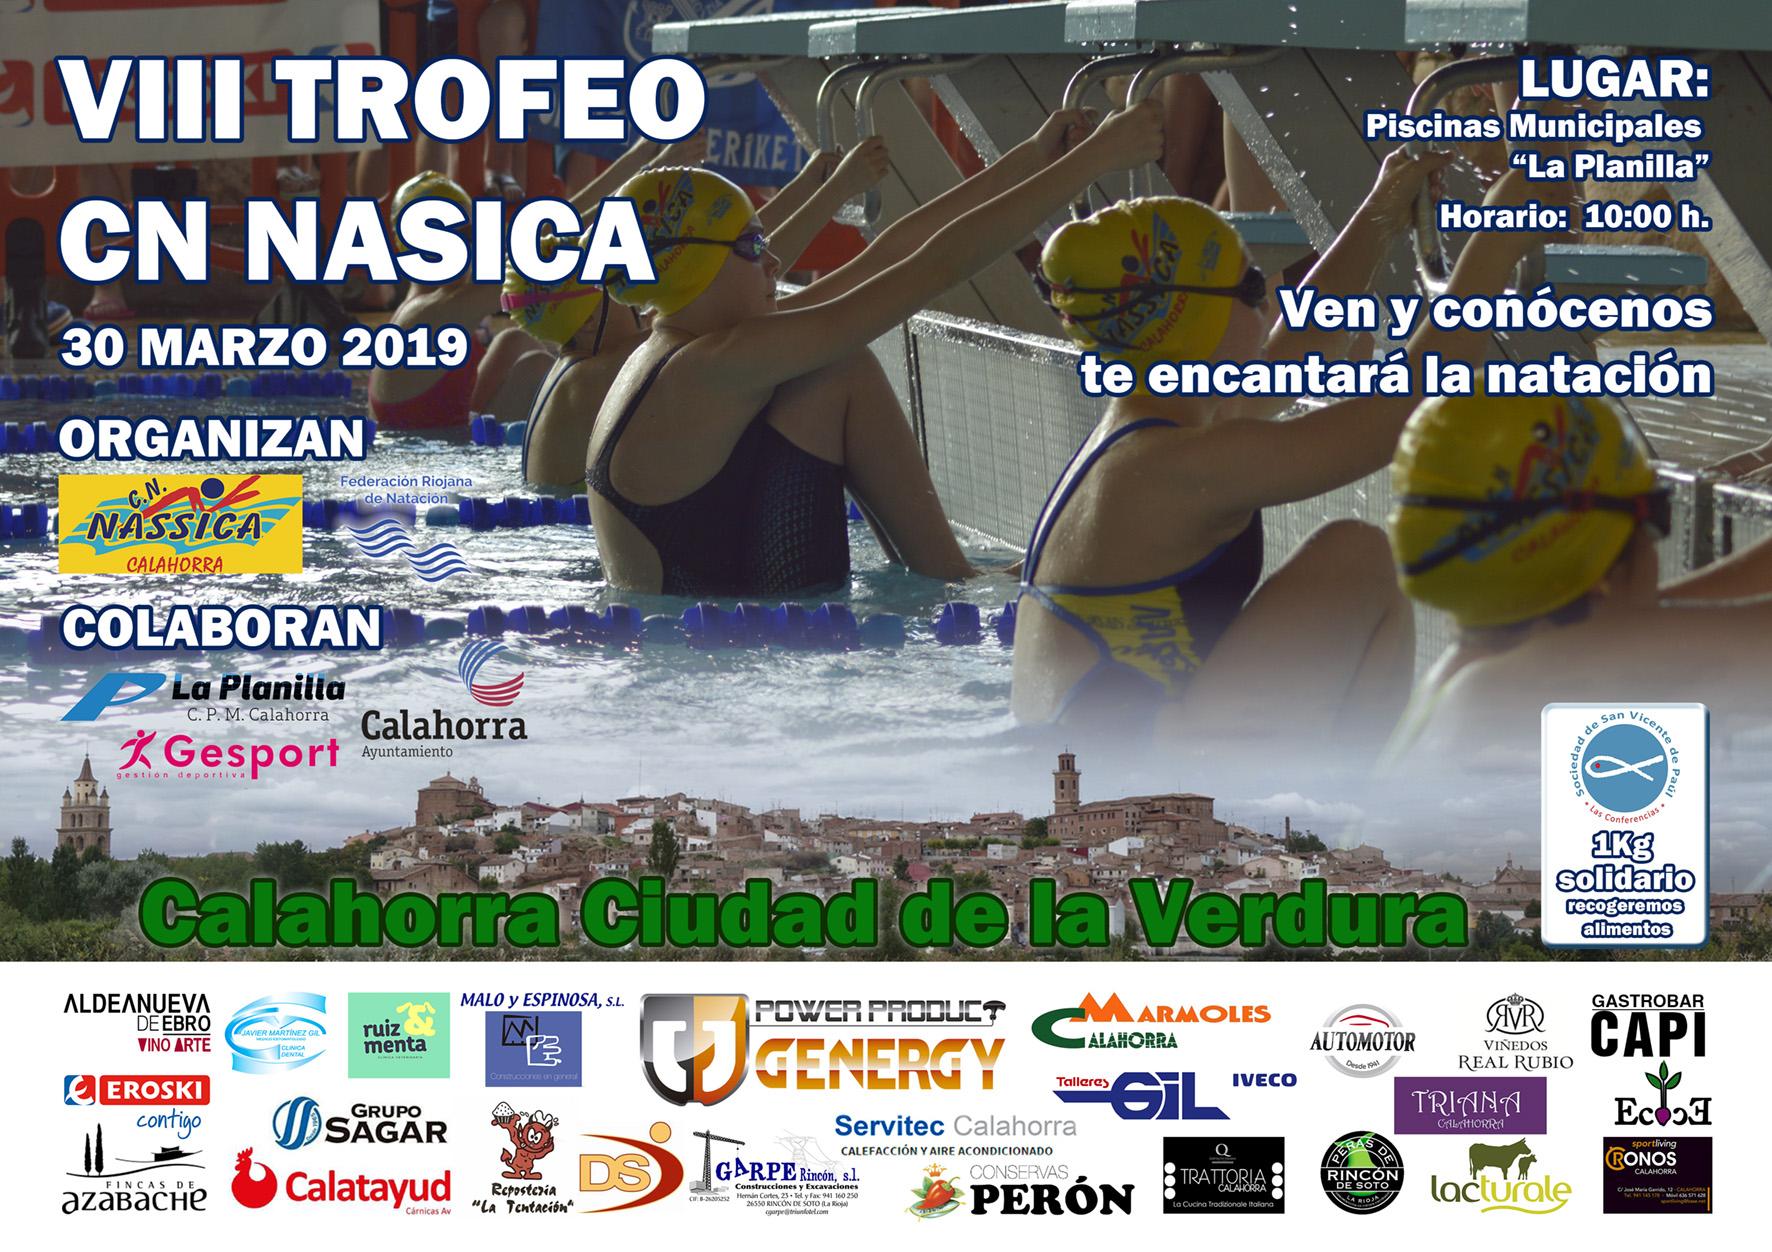 El 30 de marzo trofeo CN Nasica